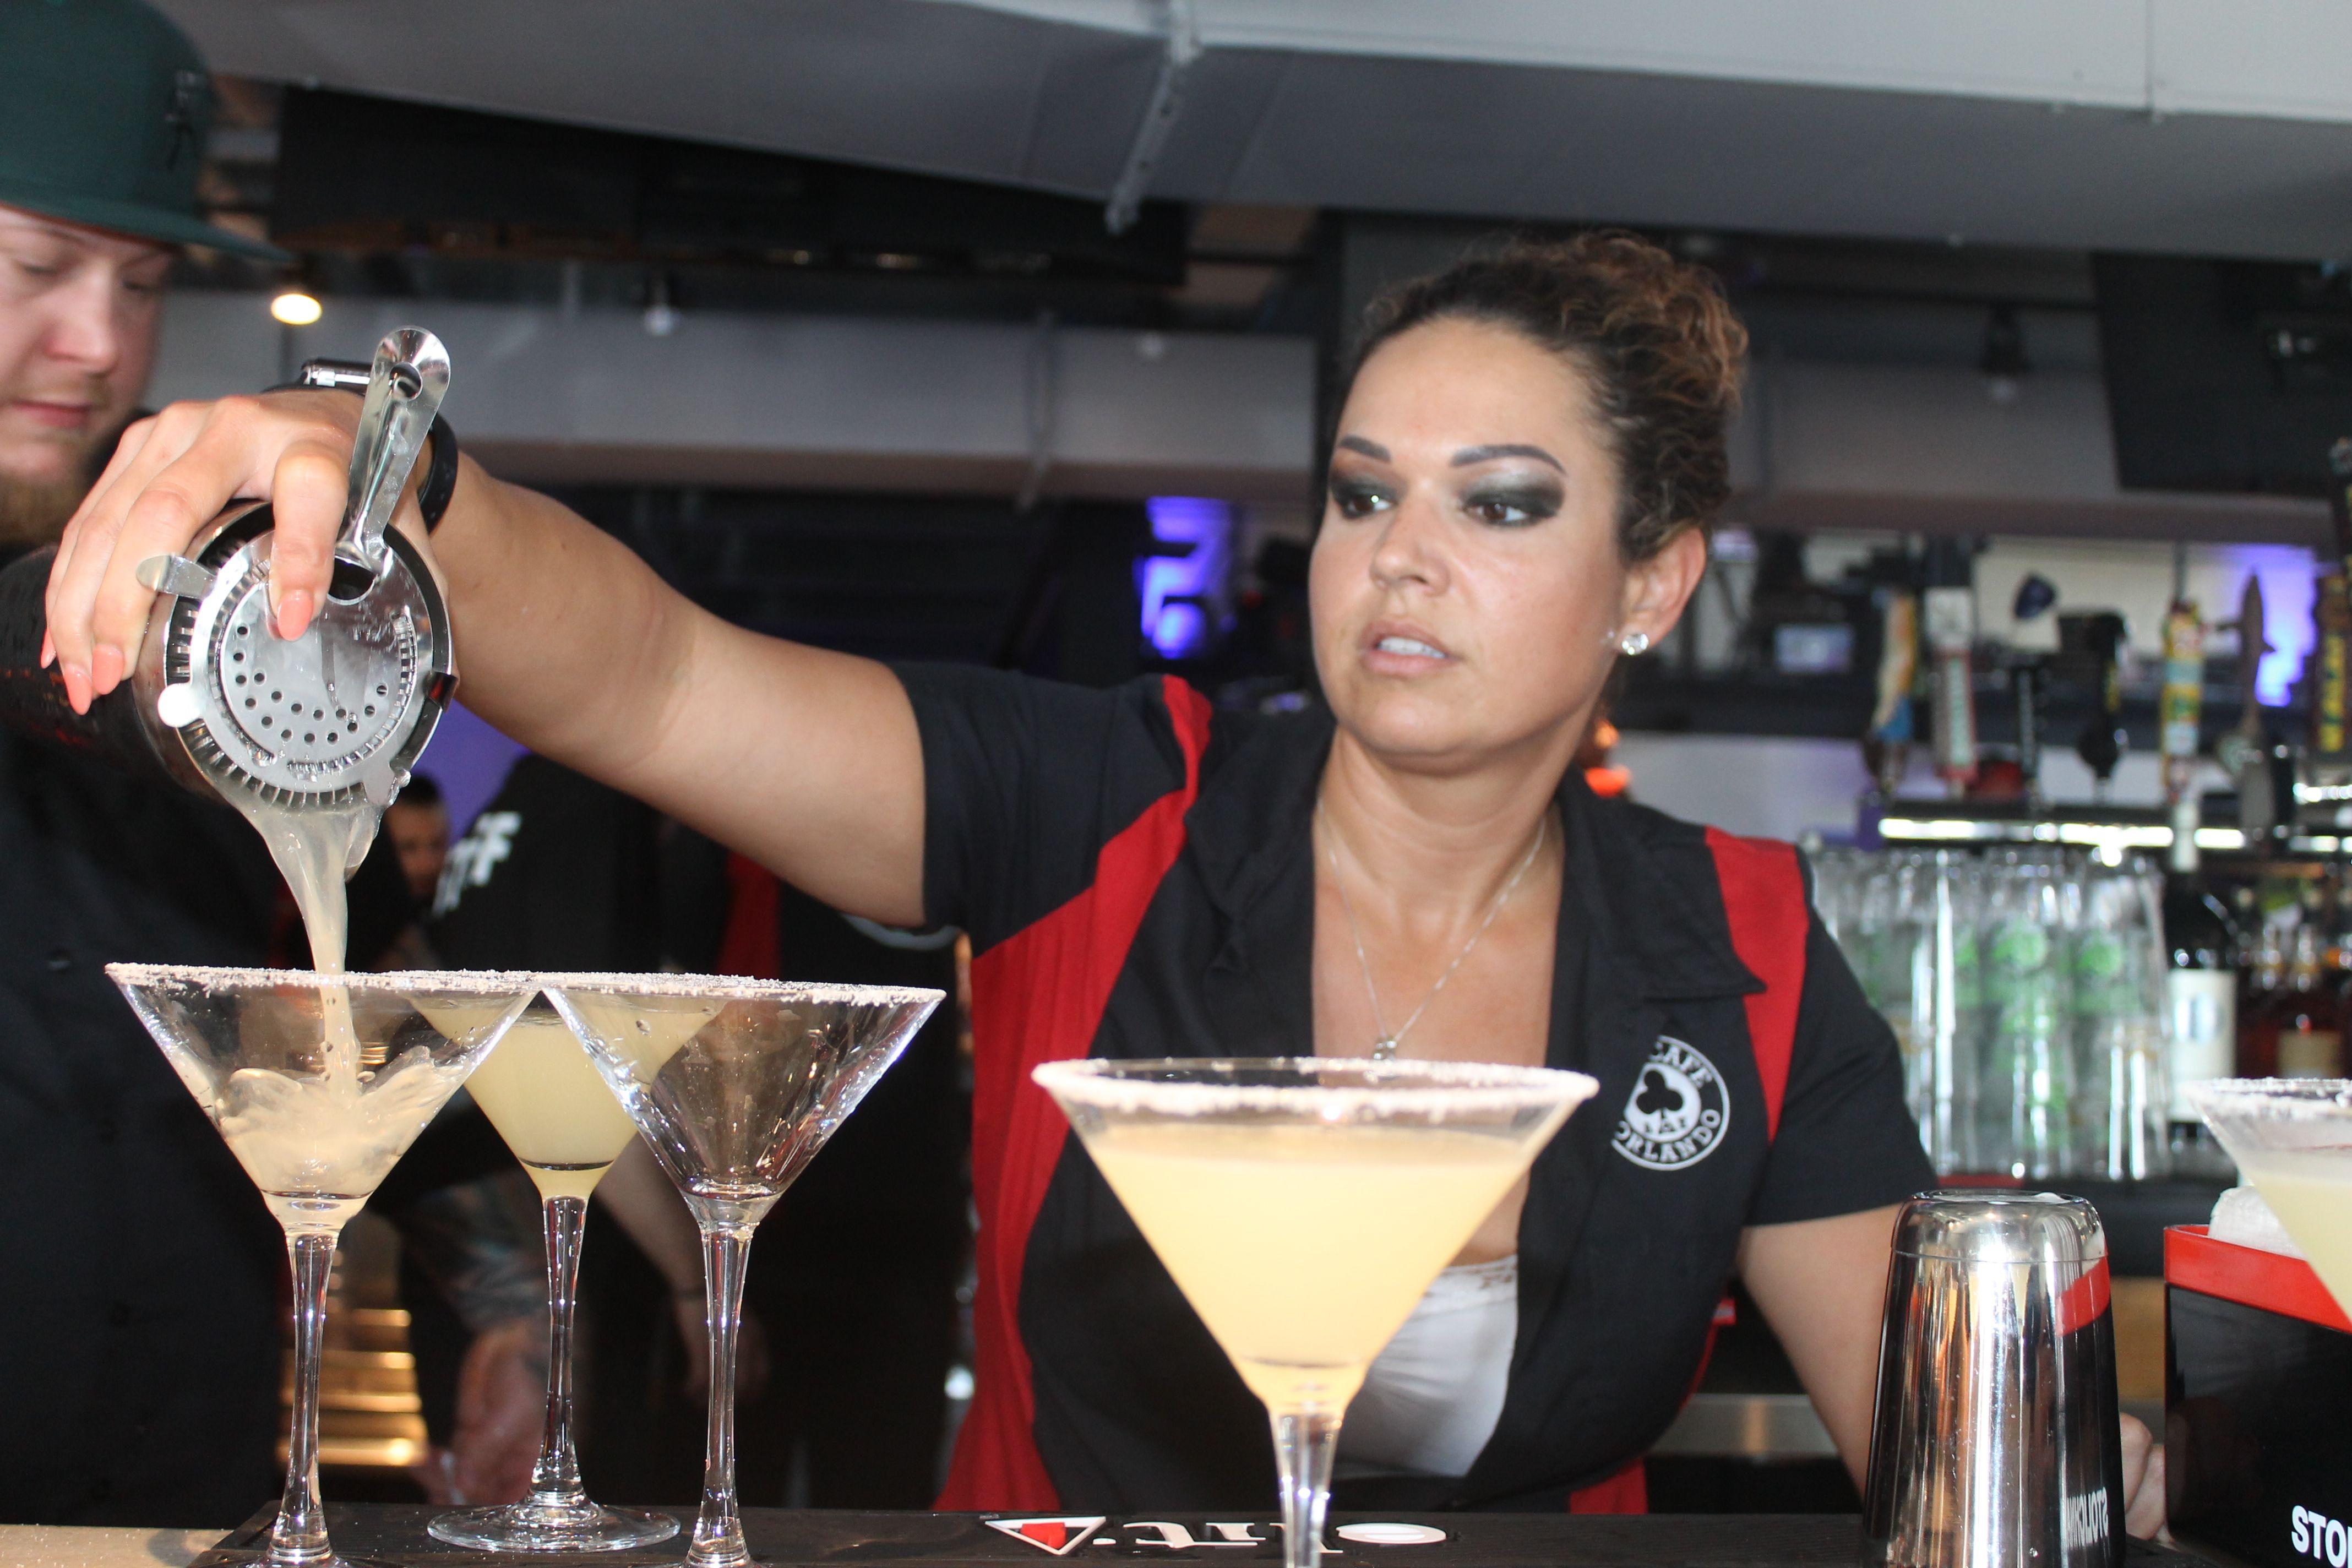 Ace Cafe bartender